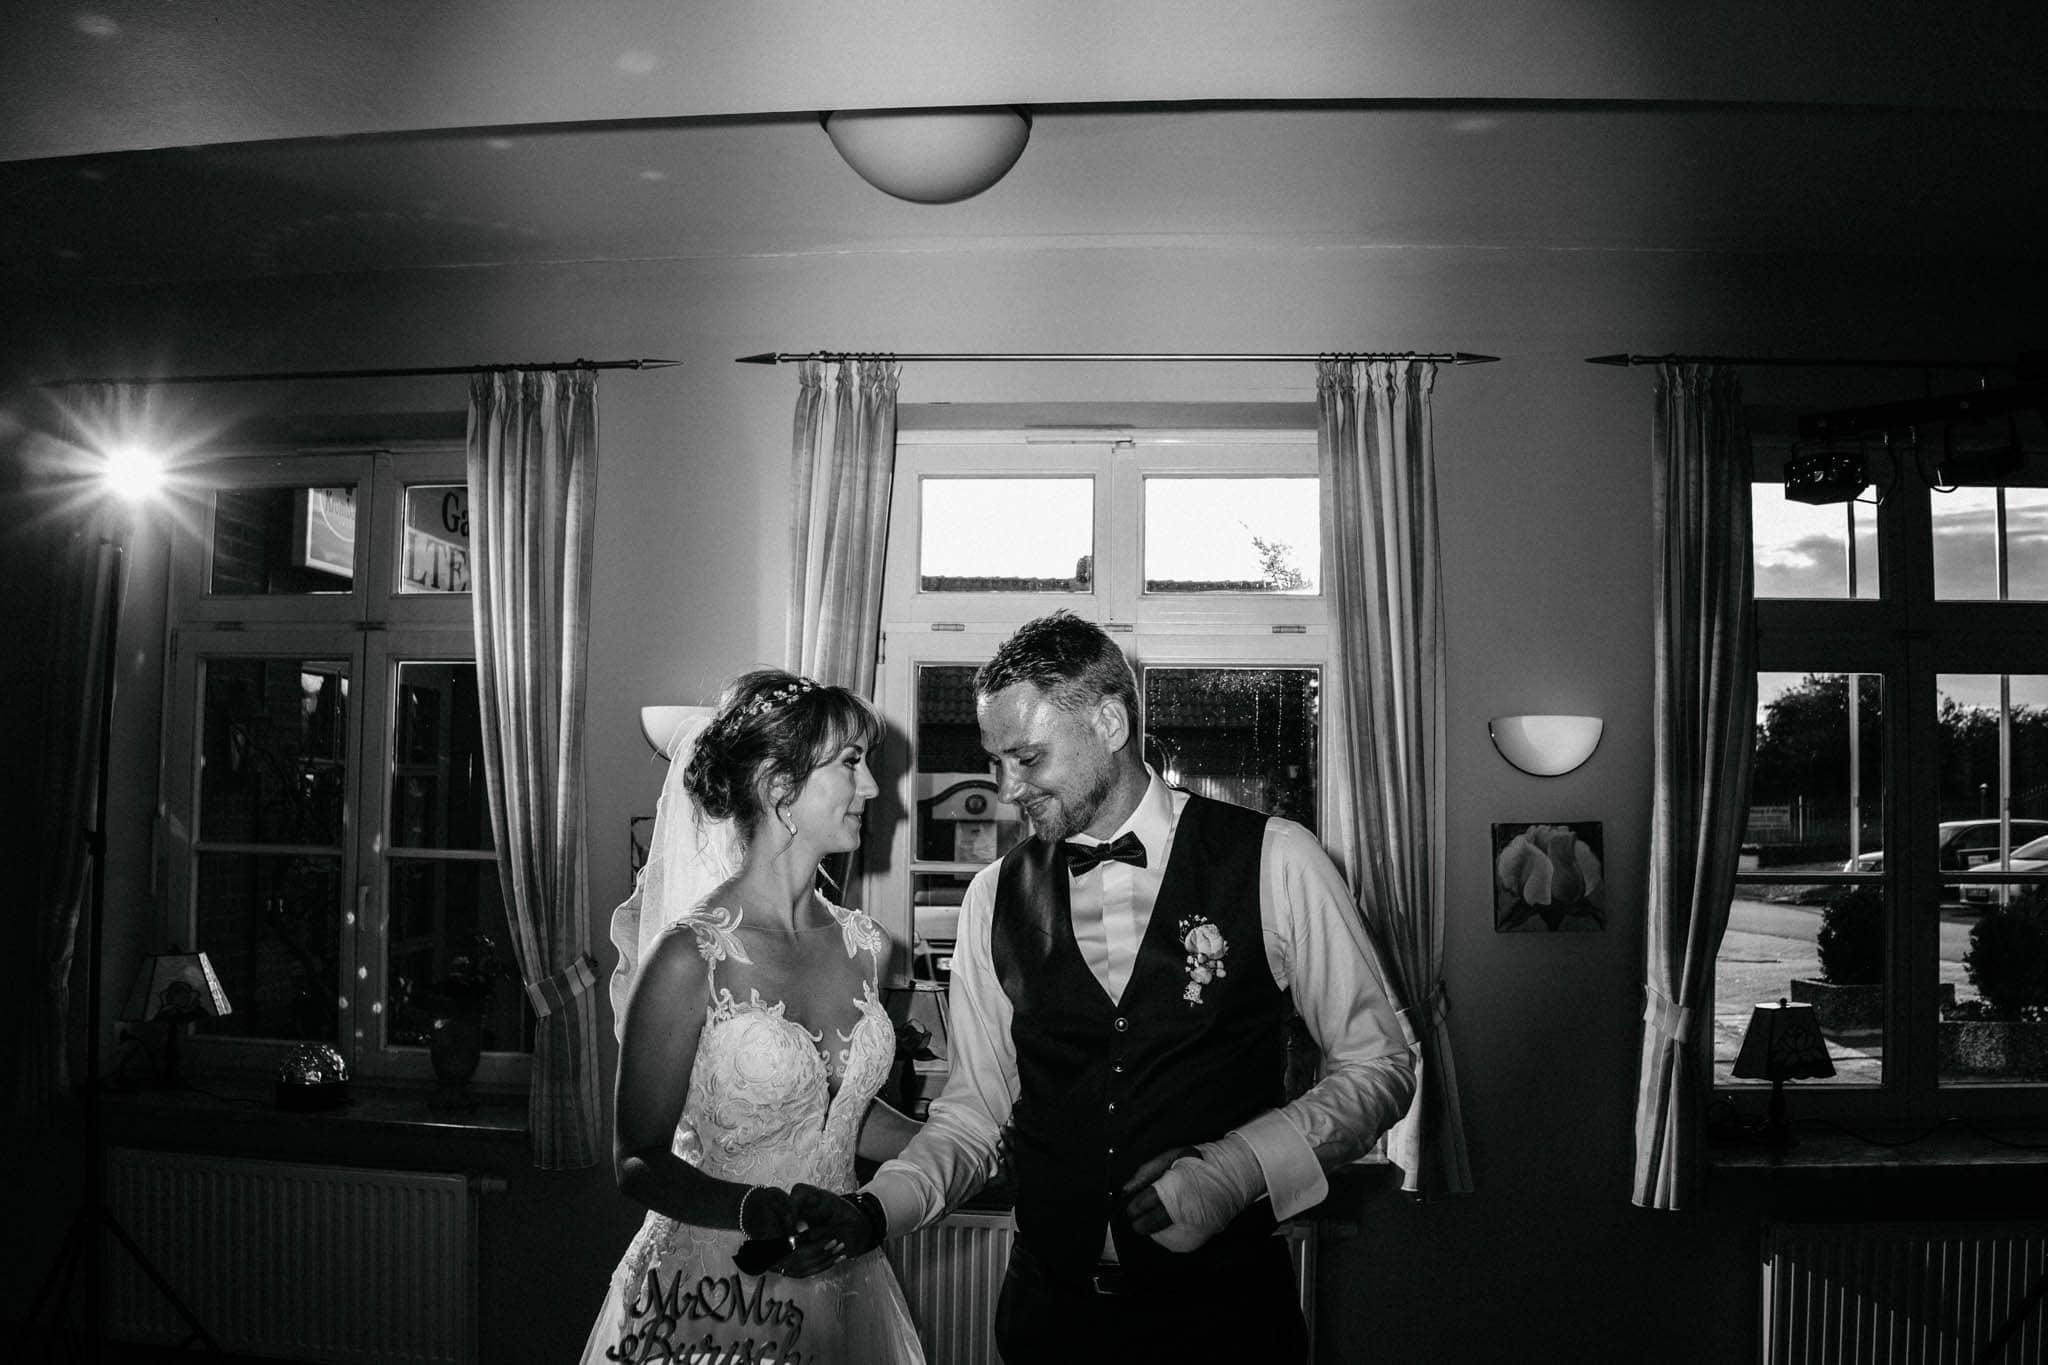 Hochzeitsfieber by Photo-Schomburg, Hoichzeitsfotograf, Hamburg, Wedding, Weddingtime, Hochzeitspaar, Braut, Bräutigam, Hochzeit im Norden,-122